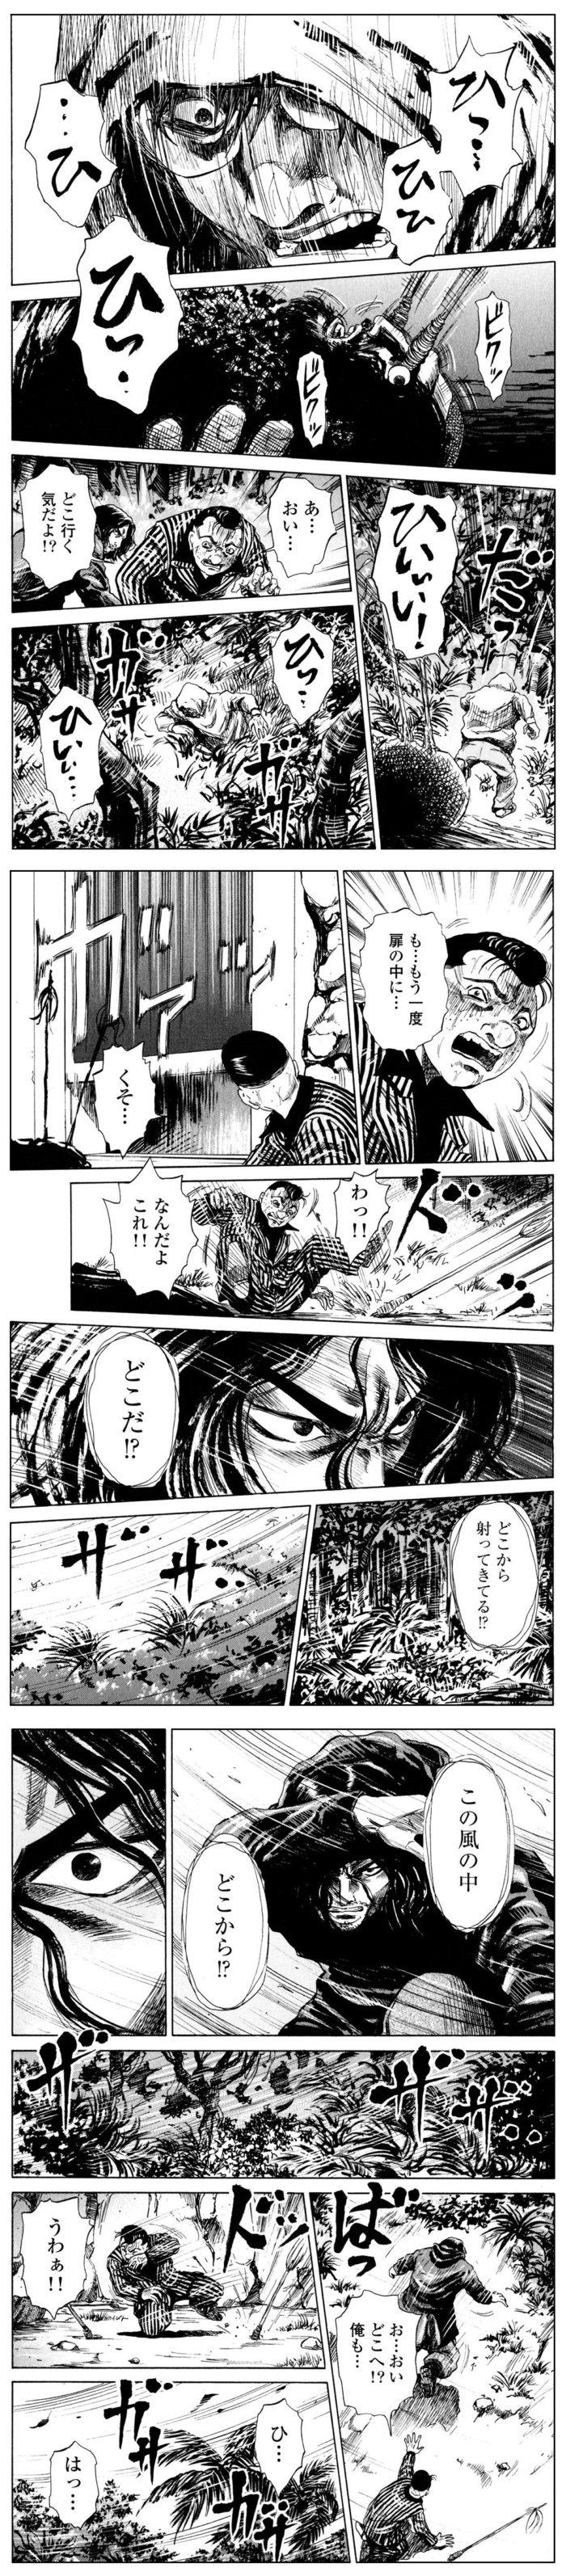 tengoku-02-02